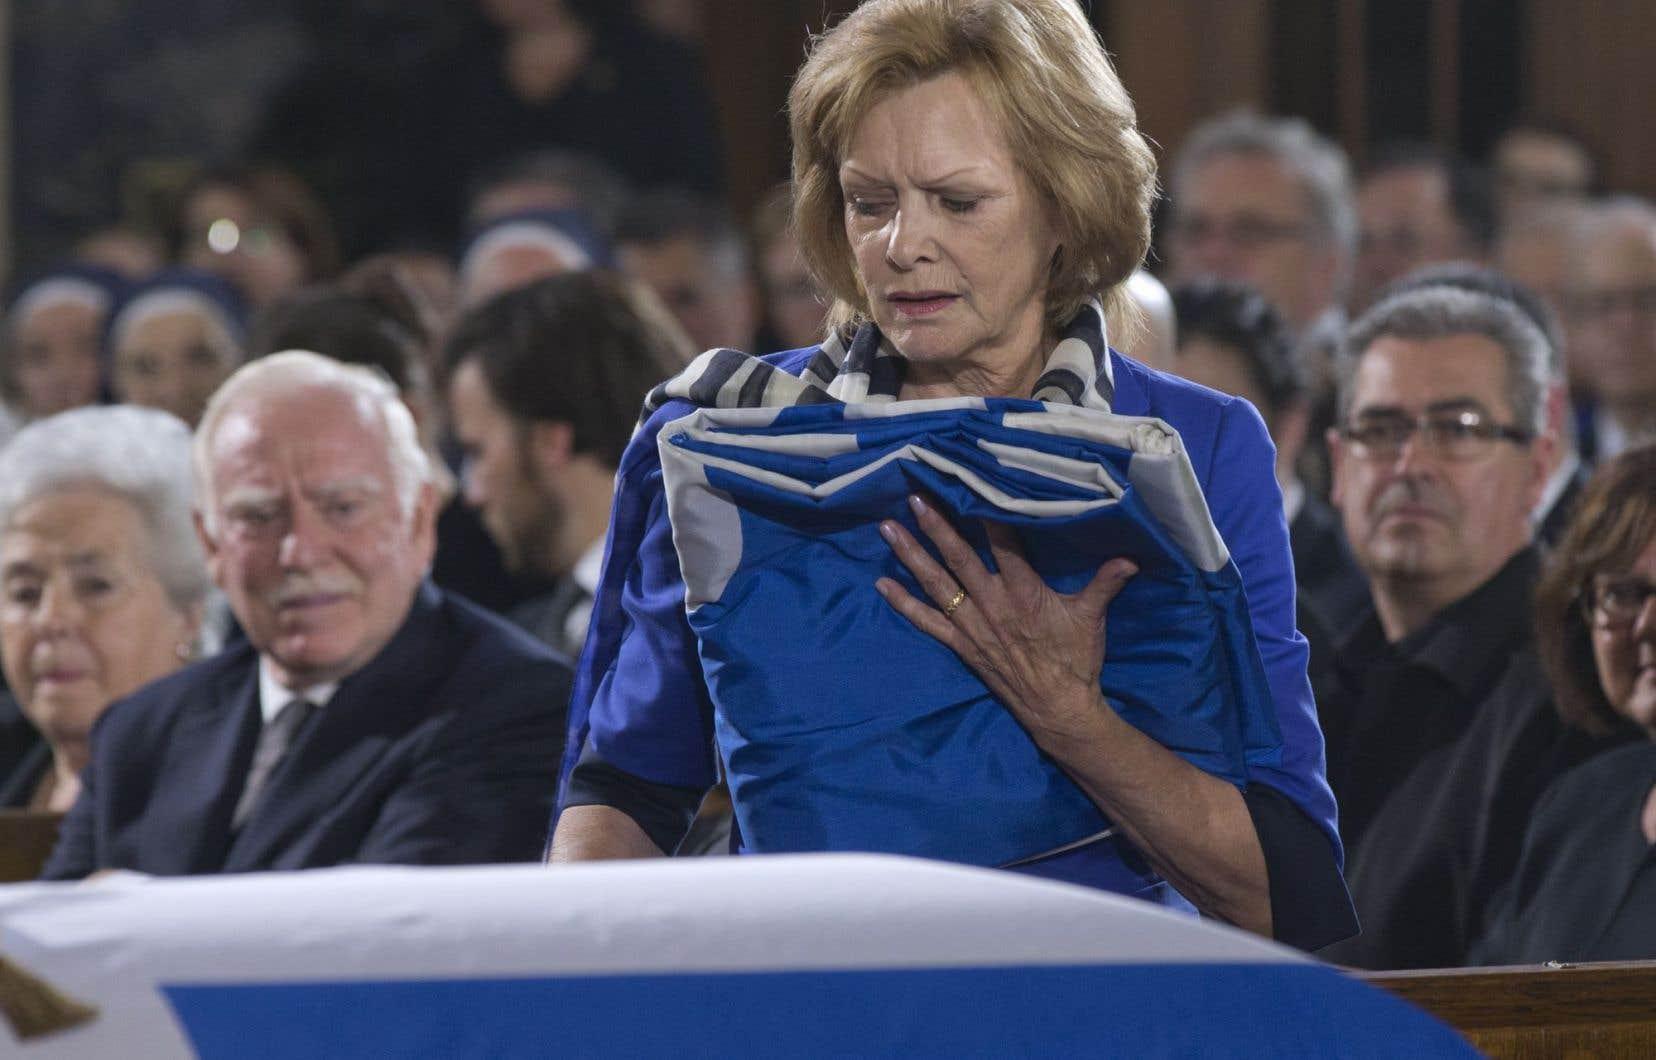 Lisette Lapointe s'est fait remettre un drapeau du Québec à la fin de la cérémonie. À gauche, Robert Parizeau, le frère du défunt.